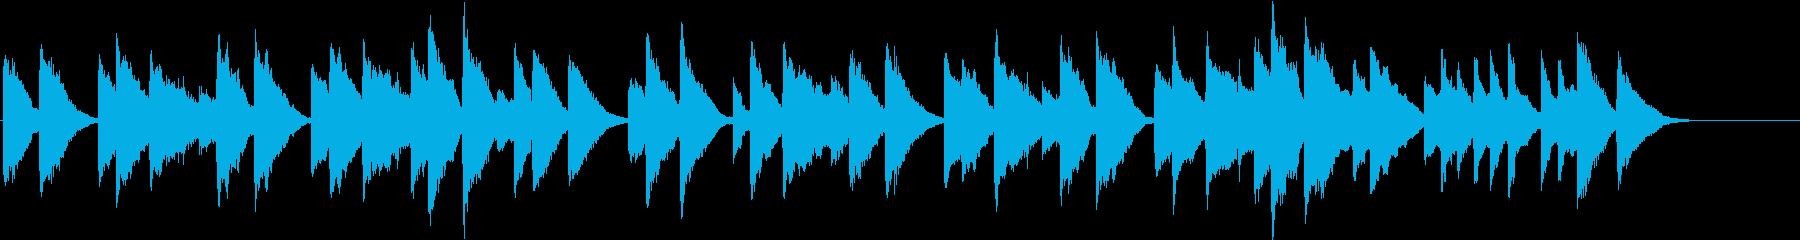 暗めのクラシック サラバンド ピアノの再生済みの波形